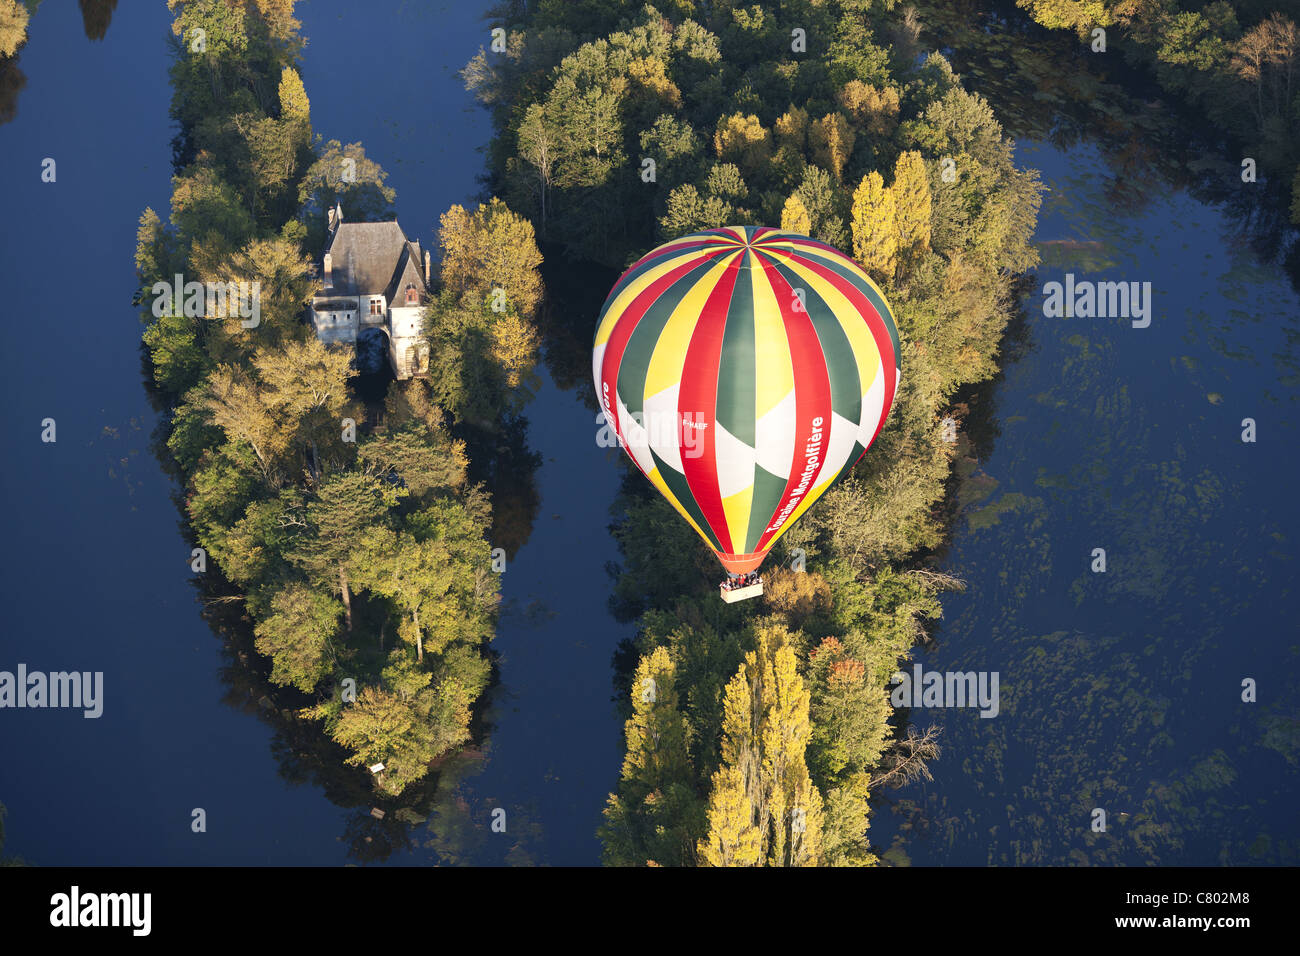 En globo de aire caliente avanza sobre dos pequeñas islas en el río Cher (vista aérea). Chisseaux, Imagen De Stock